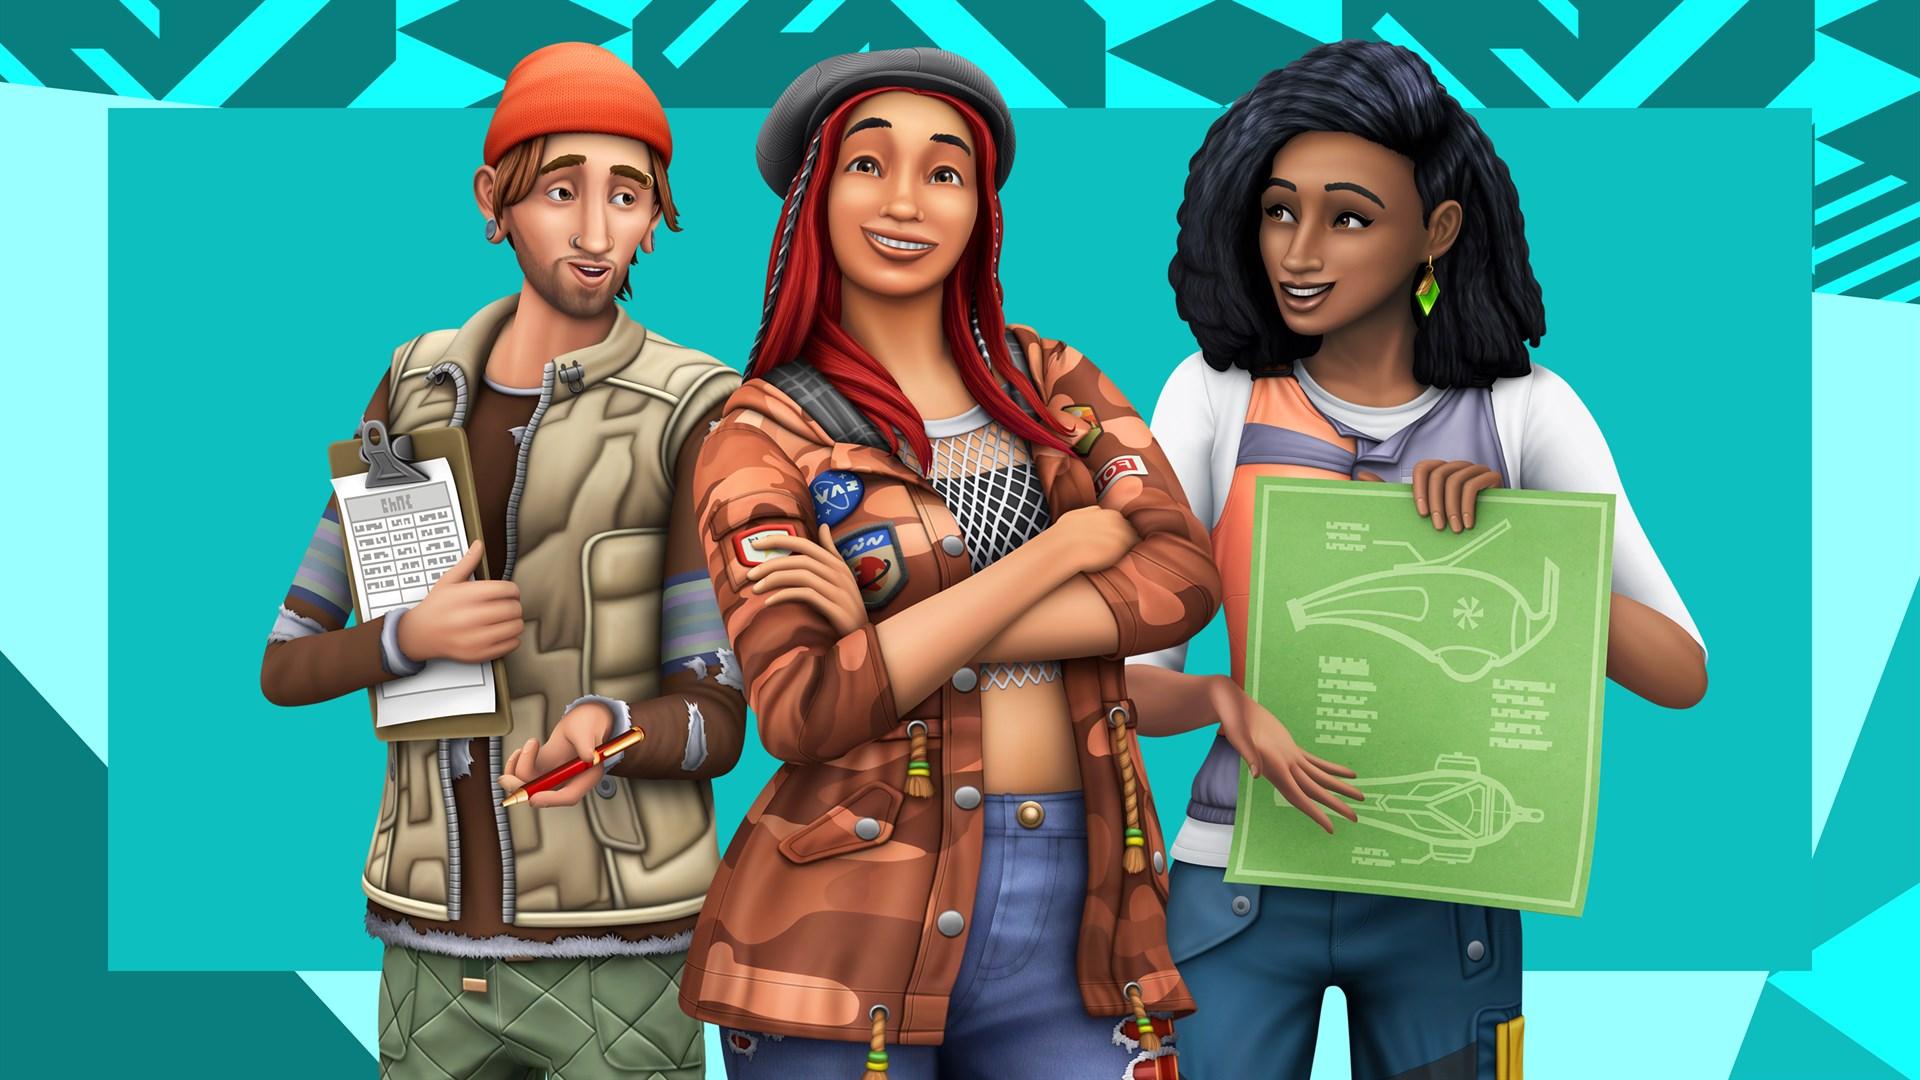 Jogos: The Sims 4: Vida Sustentável é lançado para consoles e PCs